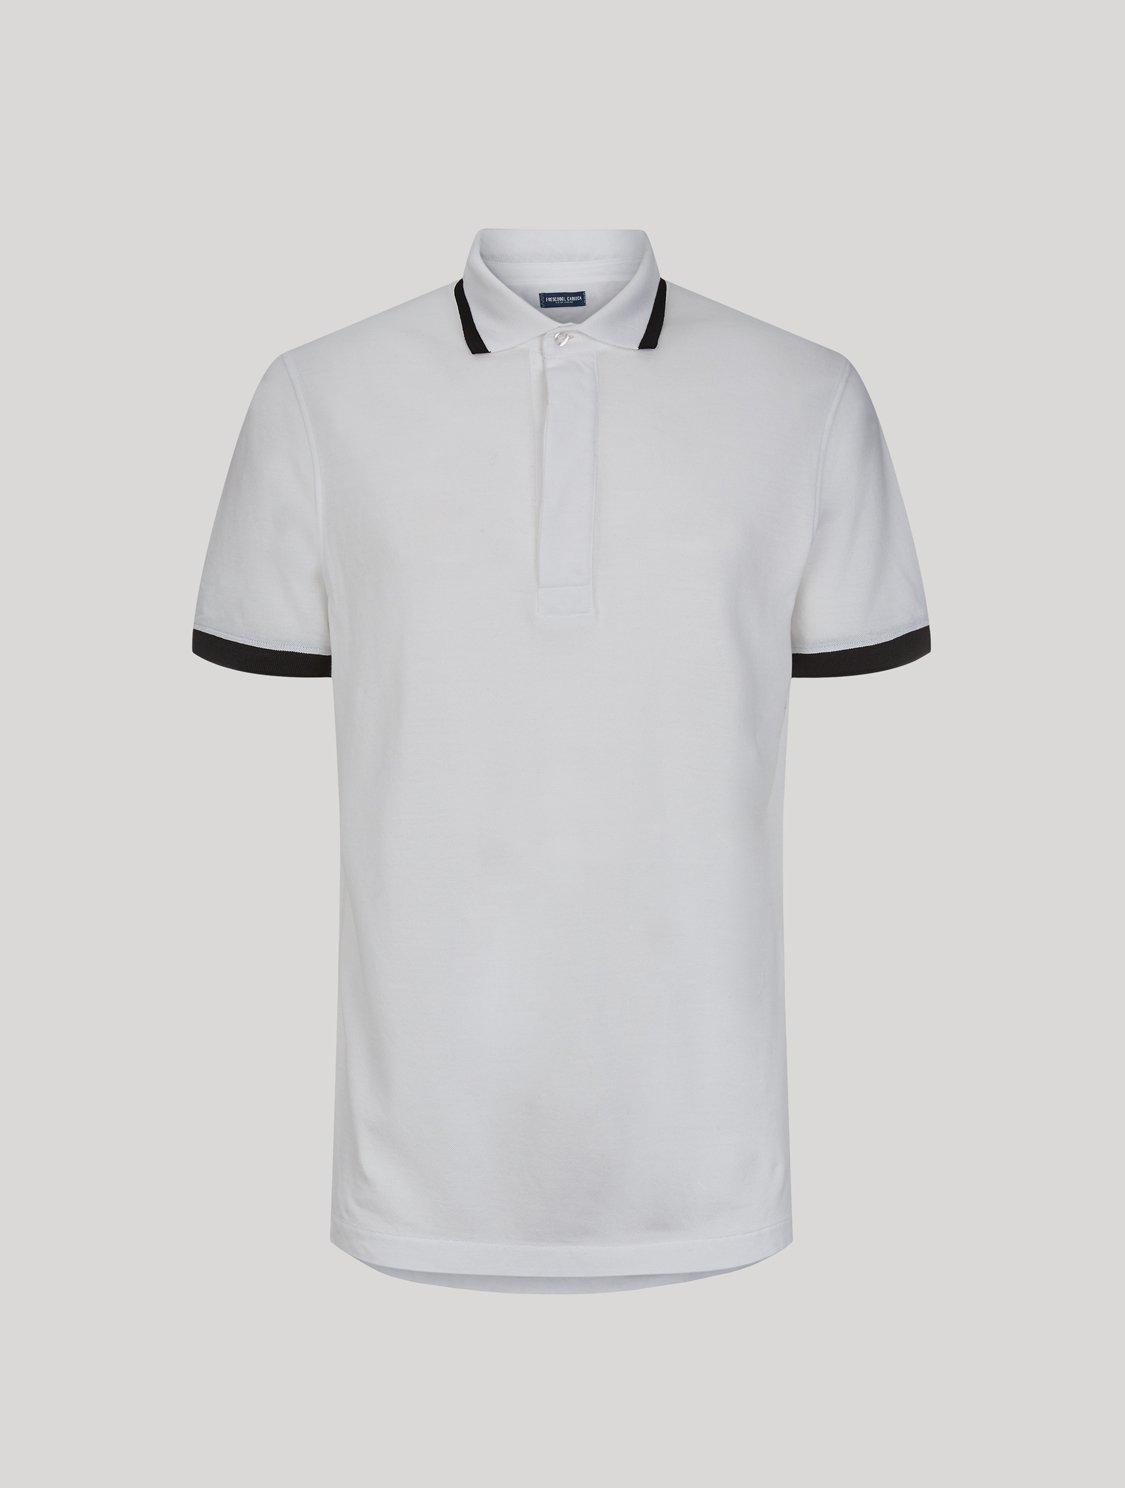 Constantino Shirt White M